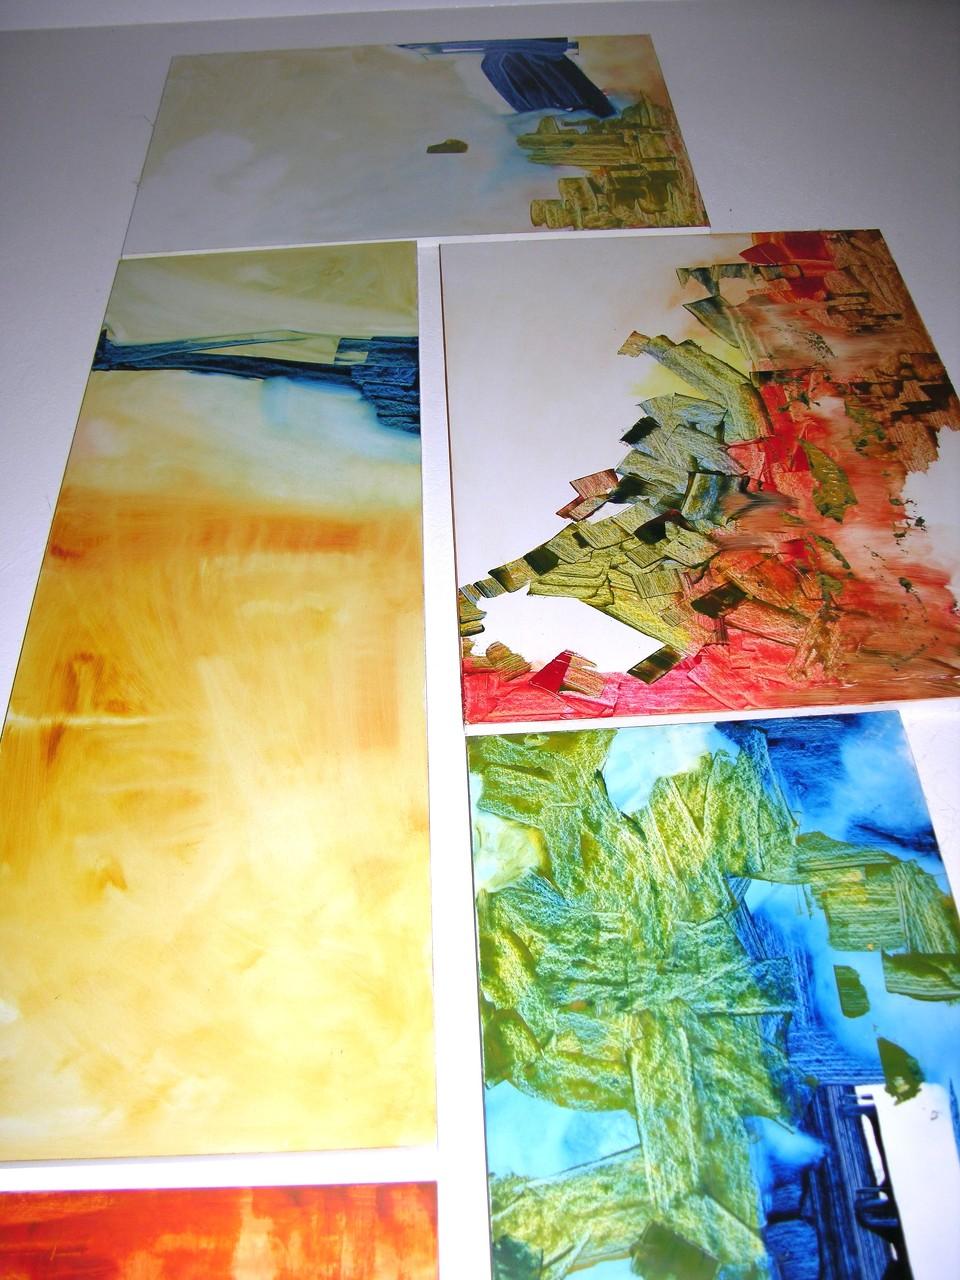 Bild-Collage 2, Acryl auf Holzplatten, Gesamtmaße ca. 300 x 150 cm